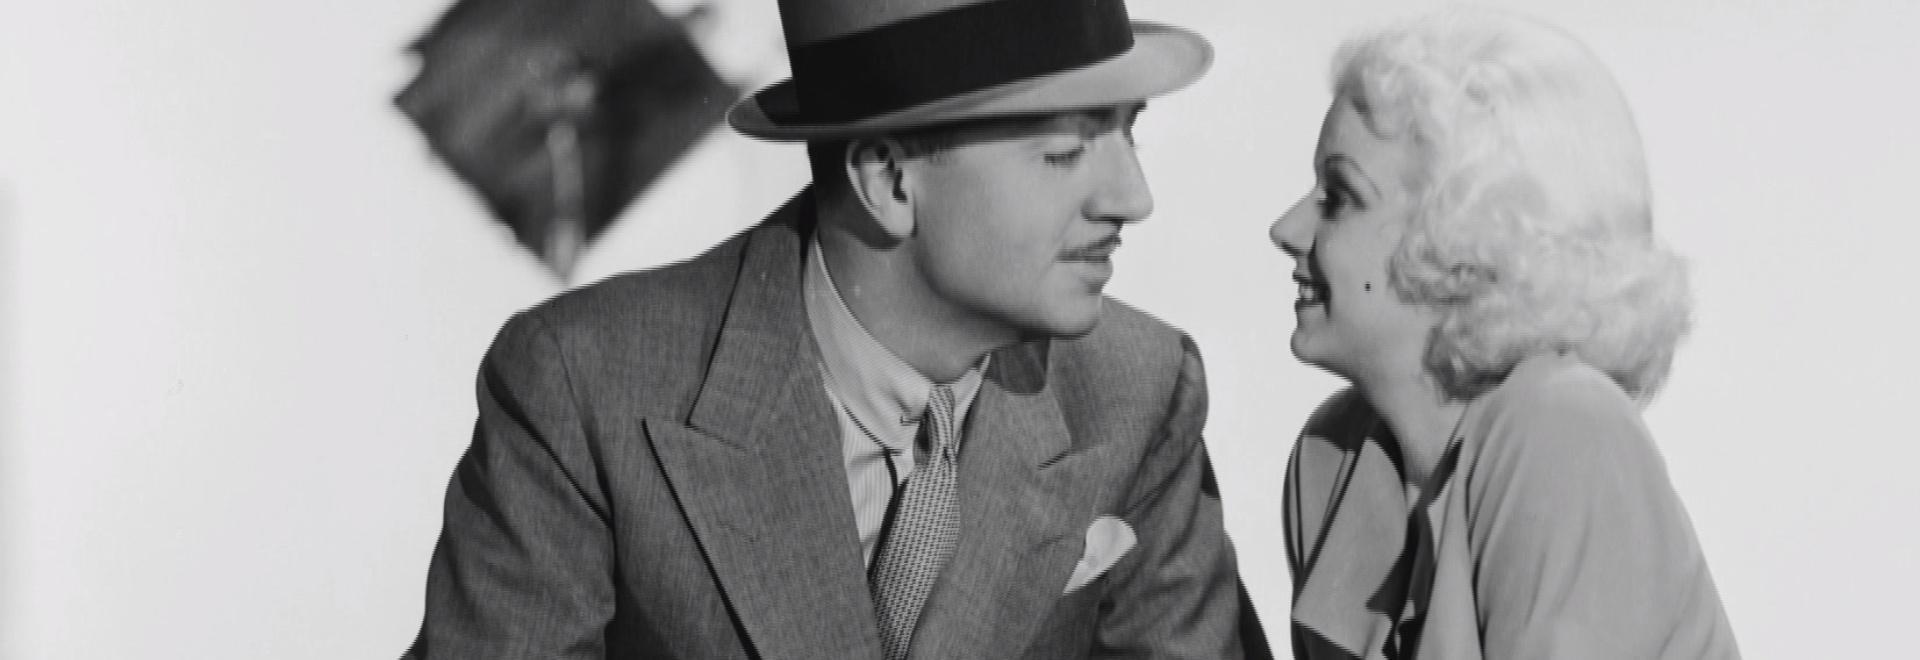 Humphrey Bogart - Lauren Bacall